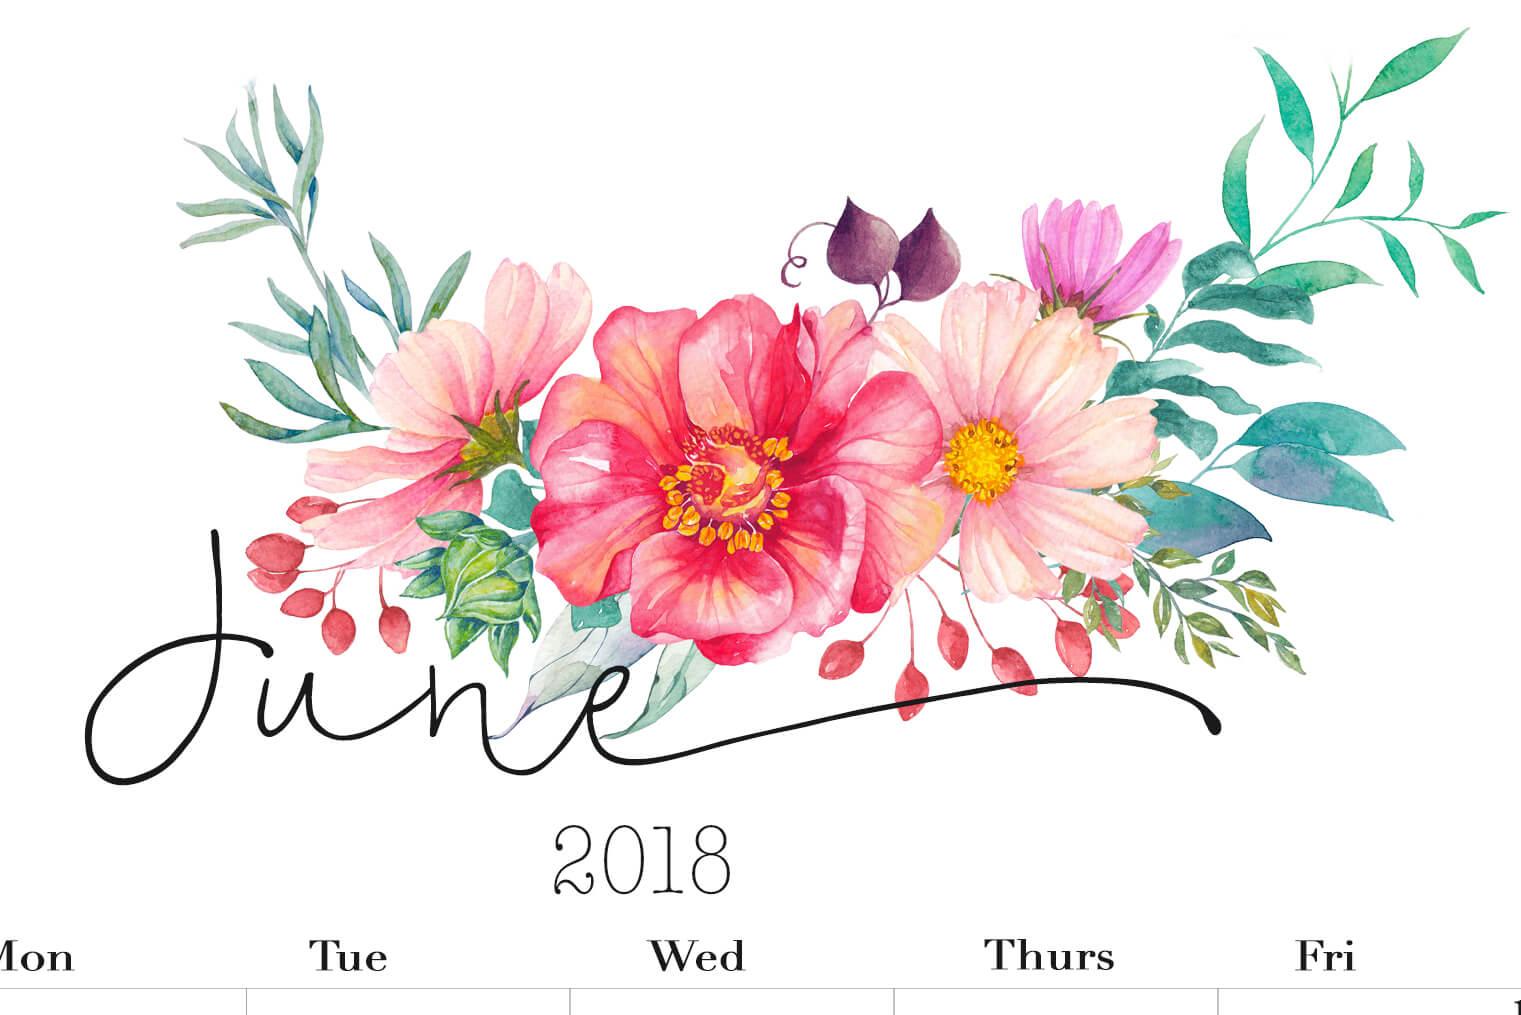 Details June 2018 calendar